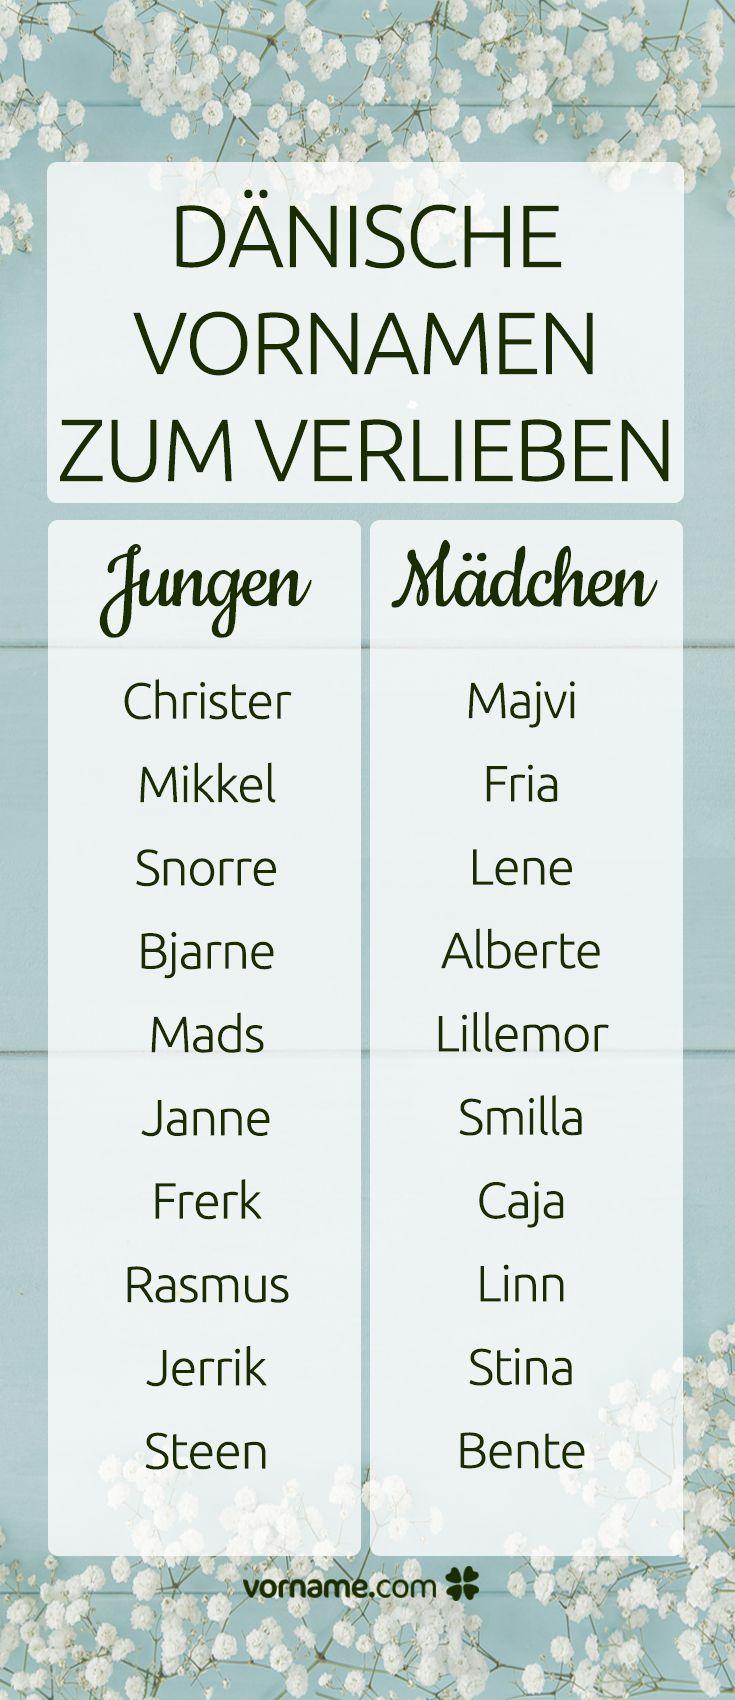 Diese dänischen Vornamen für Jungen und Mädchen sind wirklich zum Verlieben!